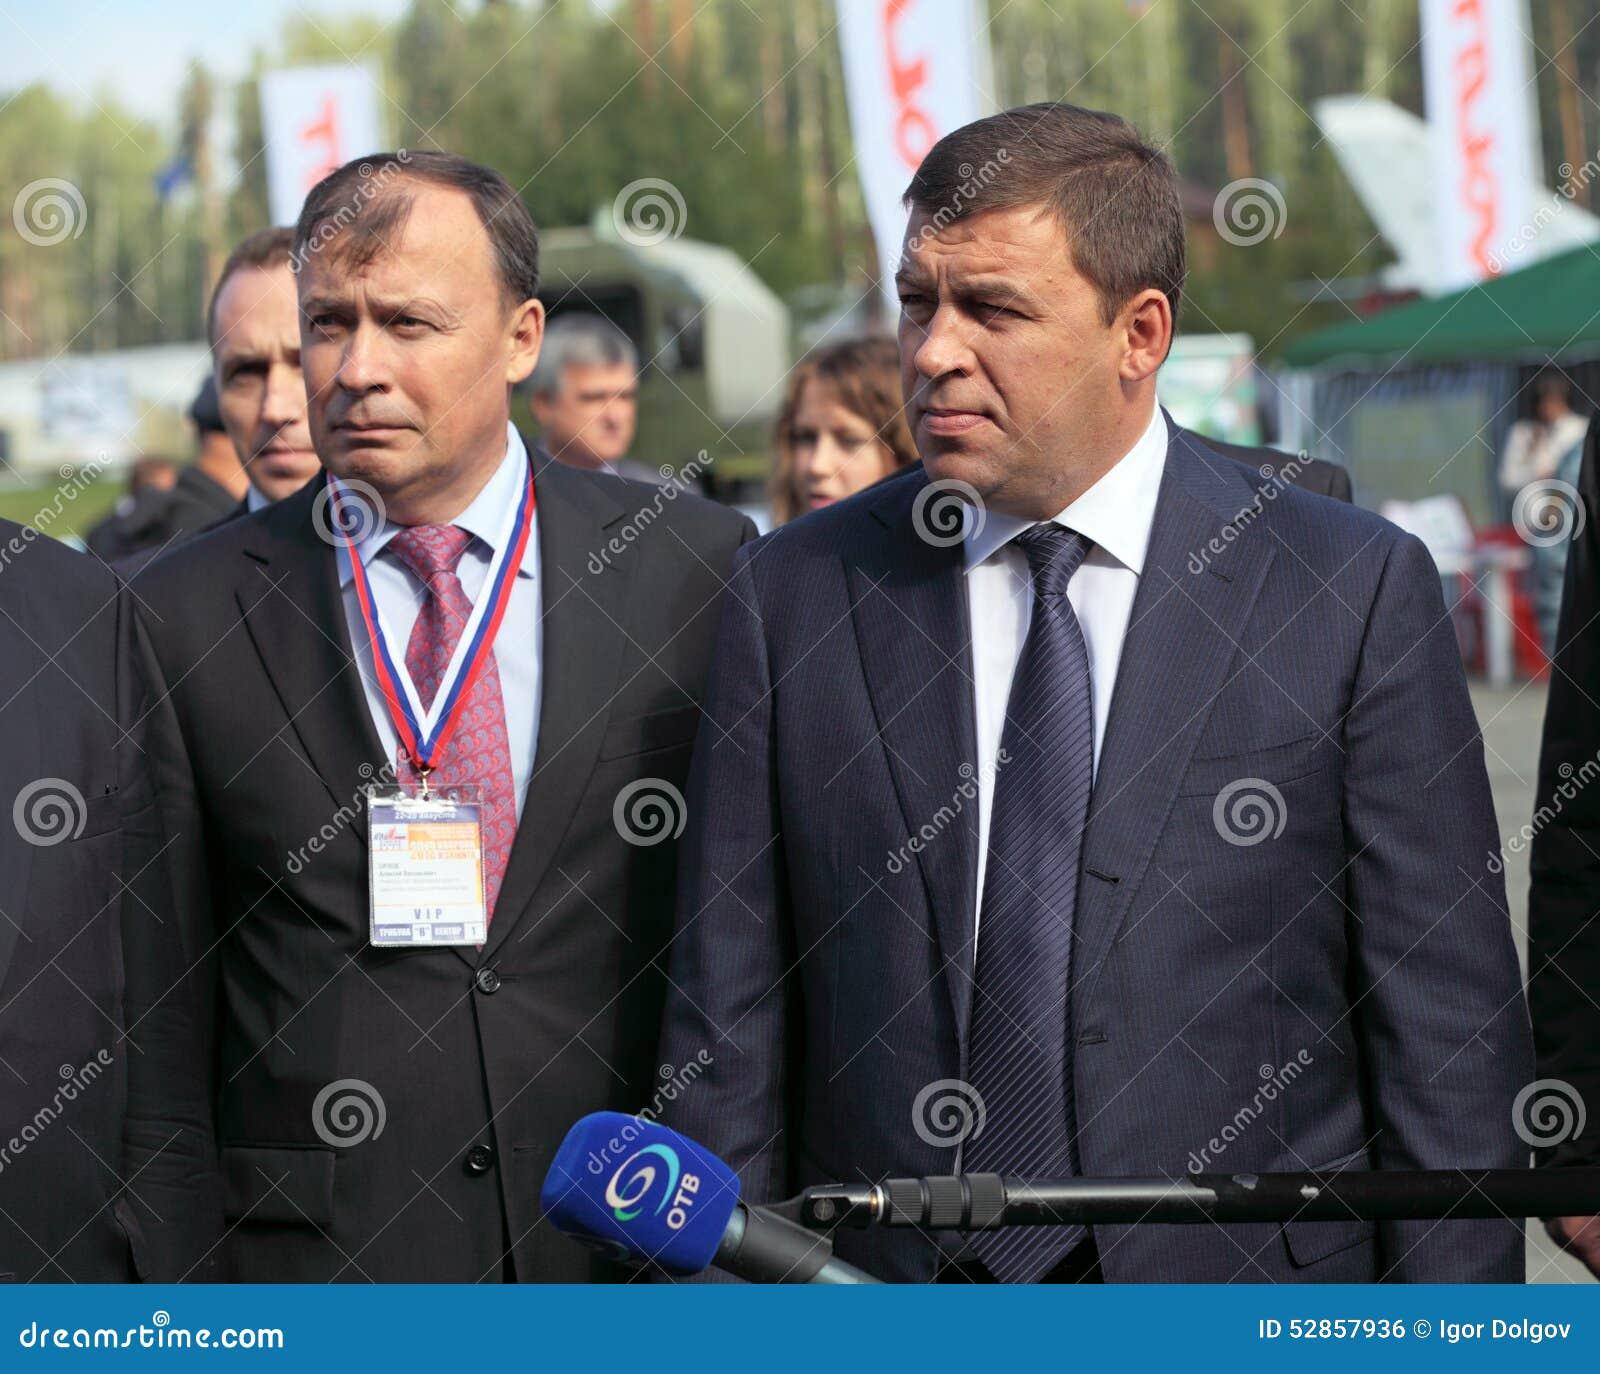 Evgeny Kuyvashev today 95